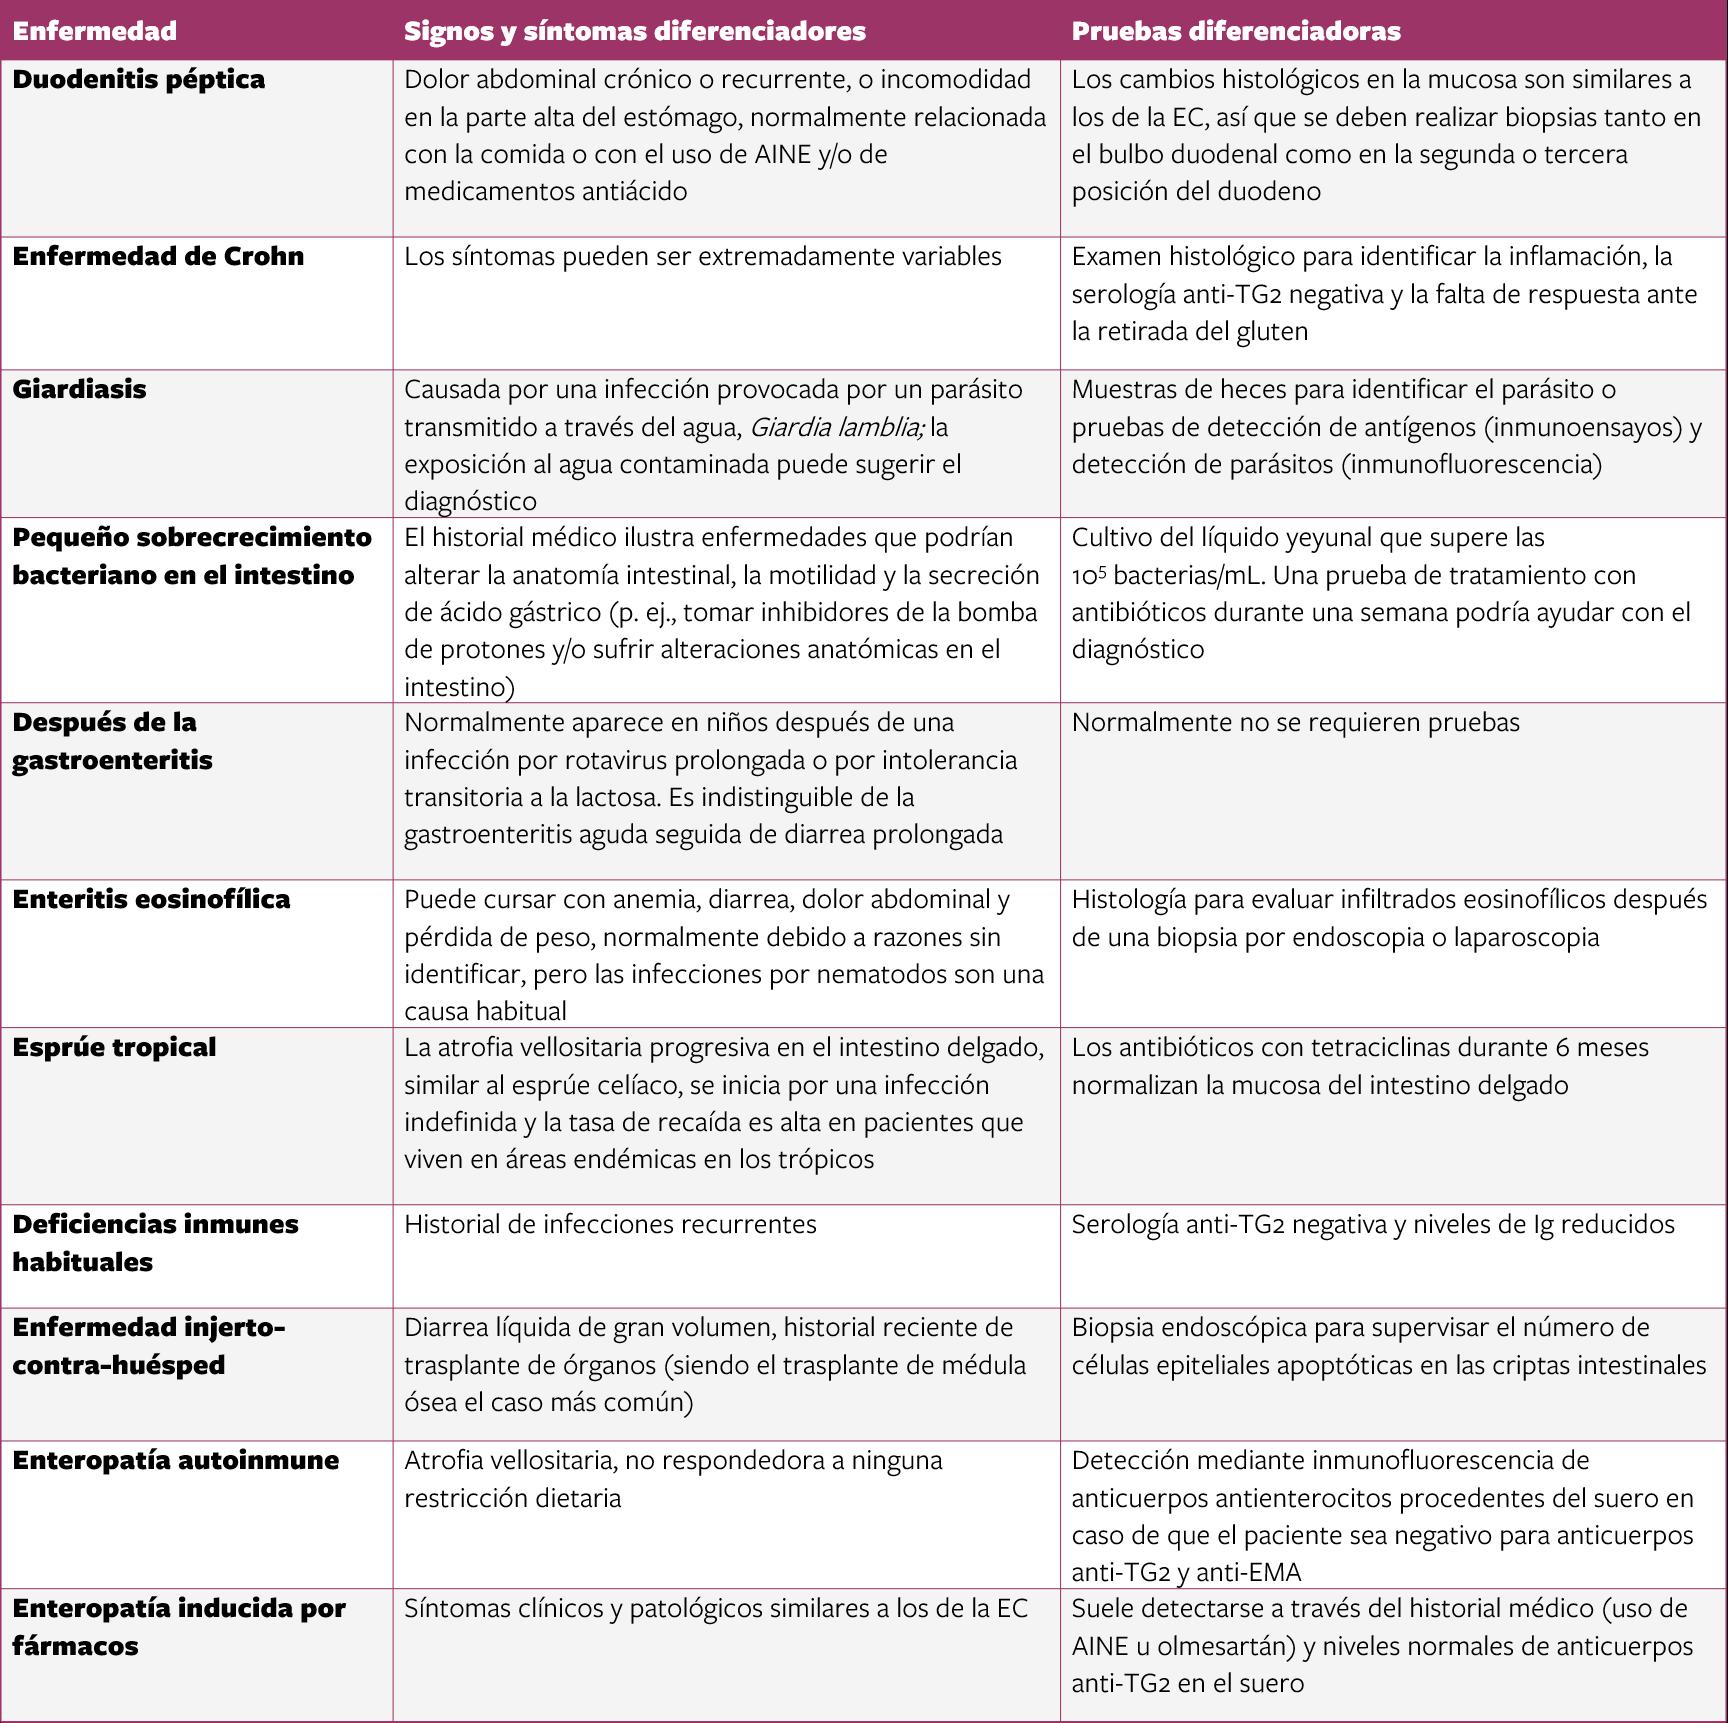 Tabla Diagnóstico diferencial